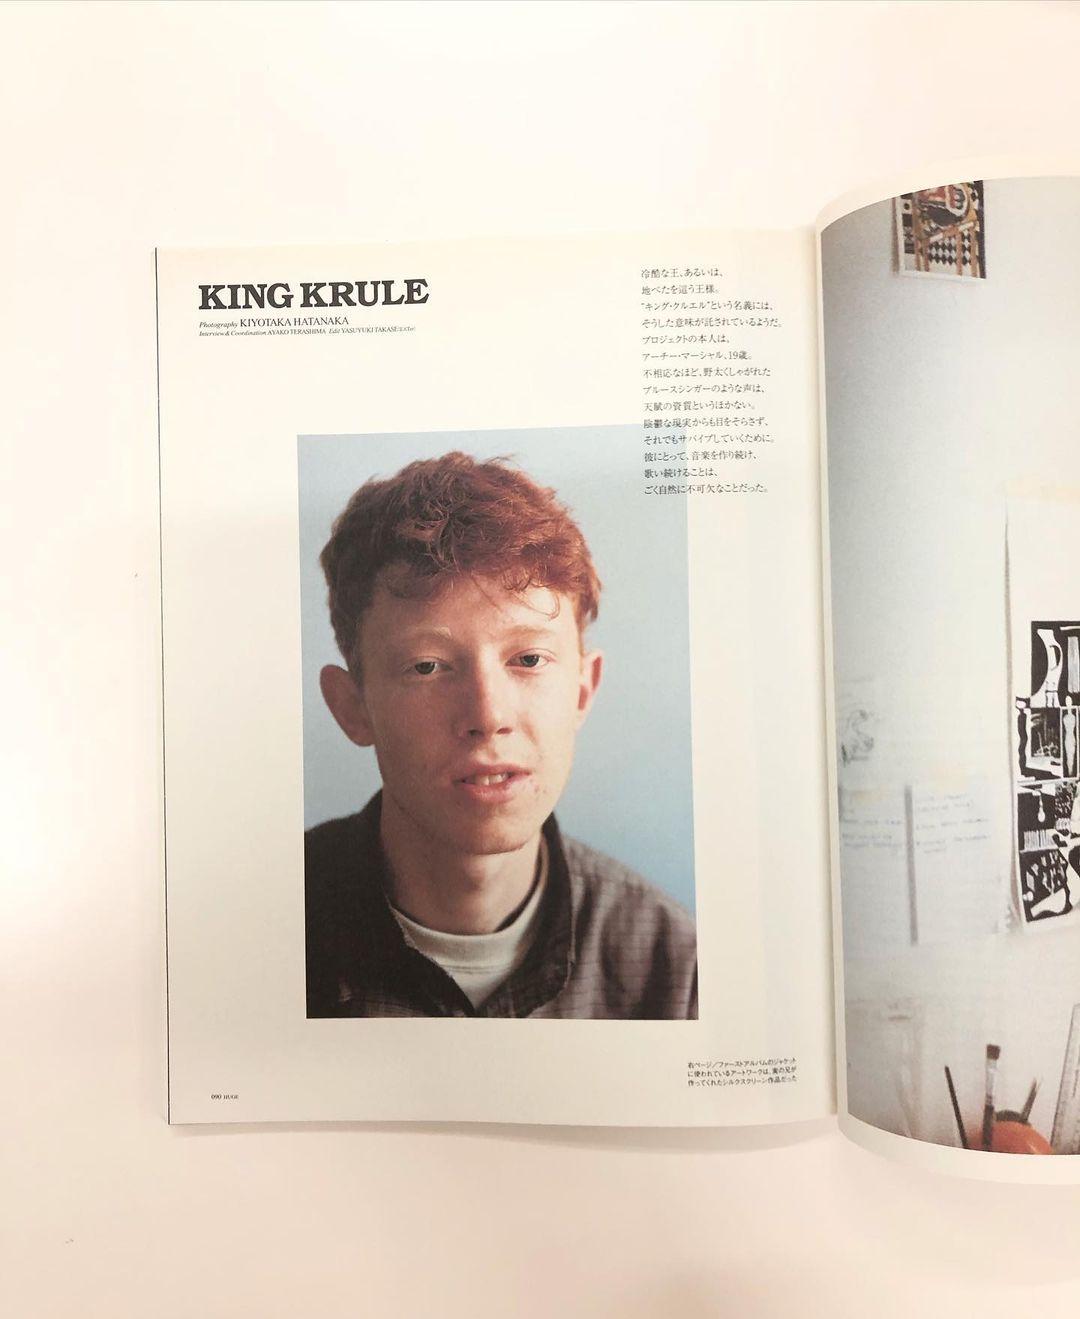 7 lanzamientos recientes que debes escuchar: King Krule + Future Islands + Trent Reznor y más